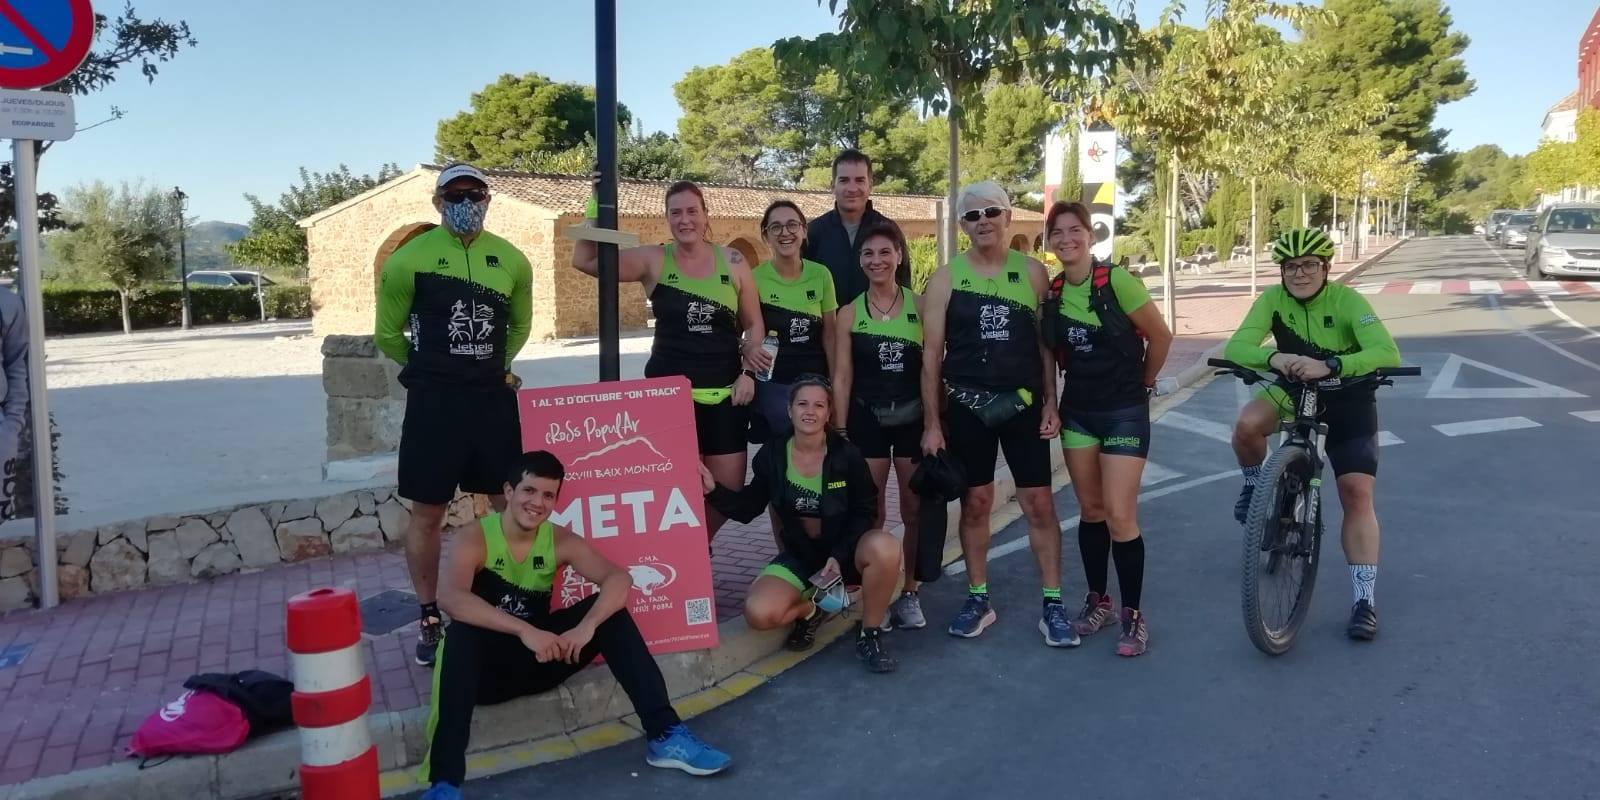 Atletas del Llebeig al llegar a la meta del Cross Baix Montgó